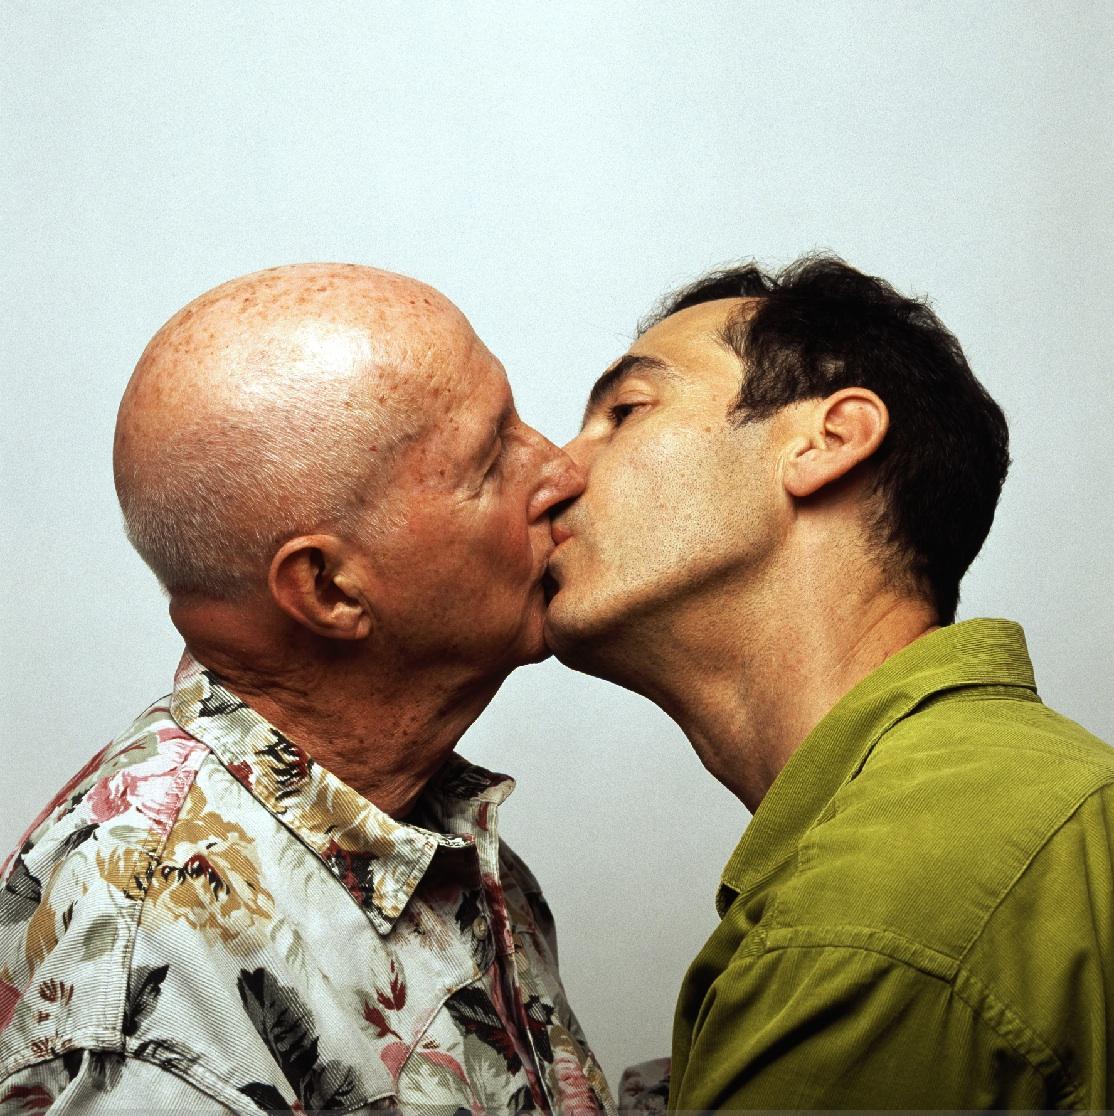 Un beso más (2003) - Juan Hidalgo Codorníu